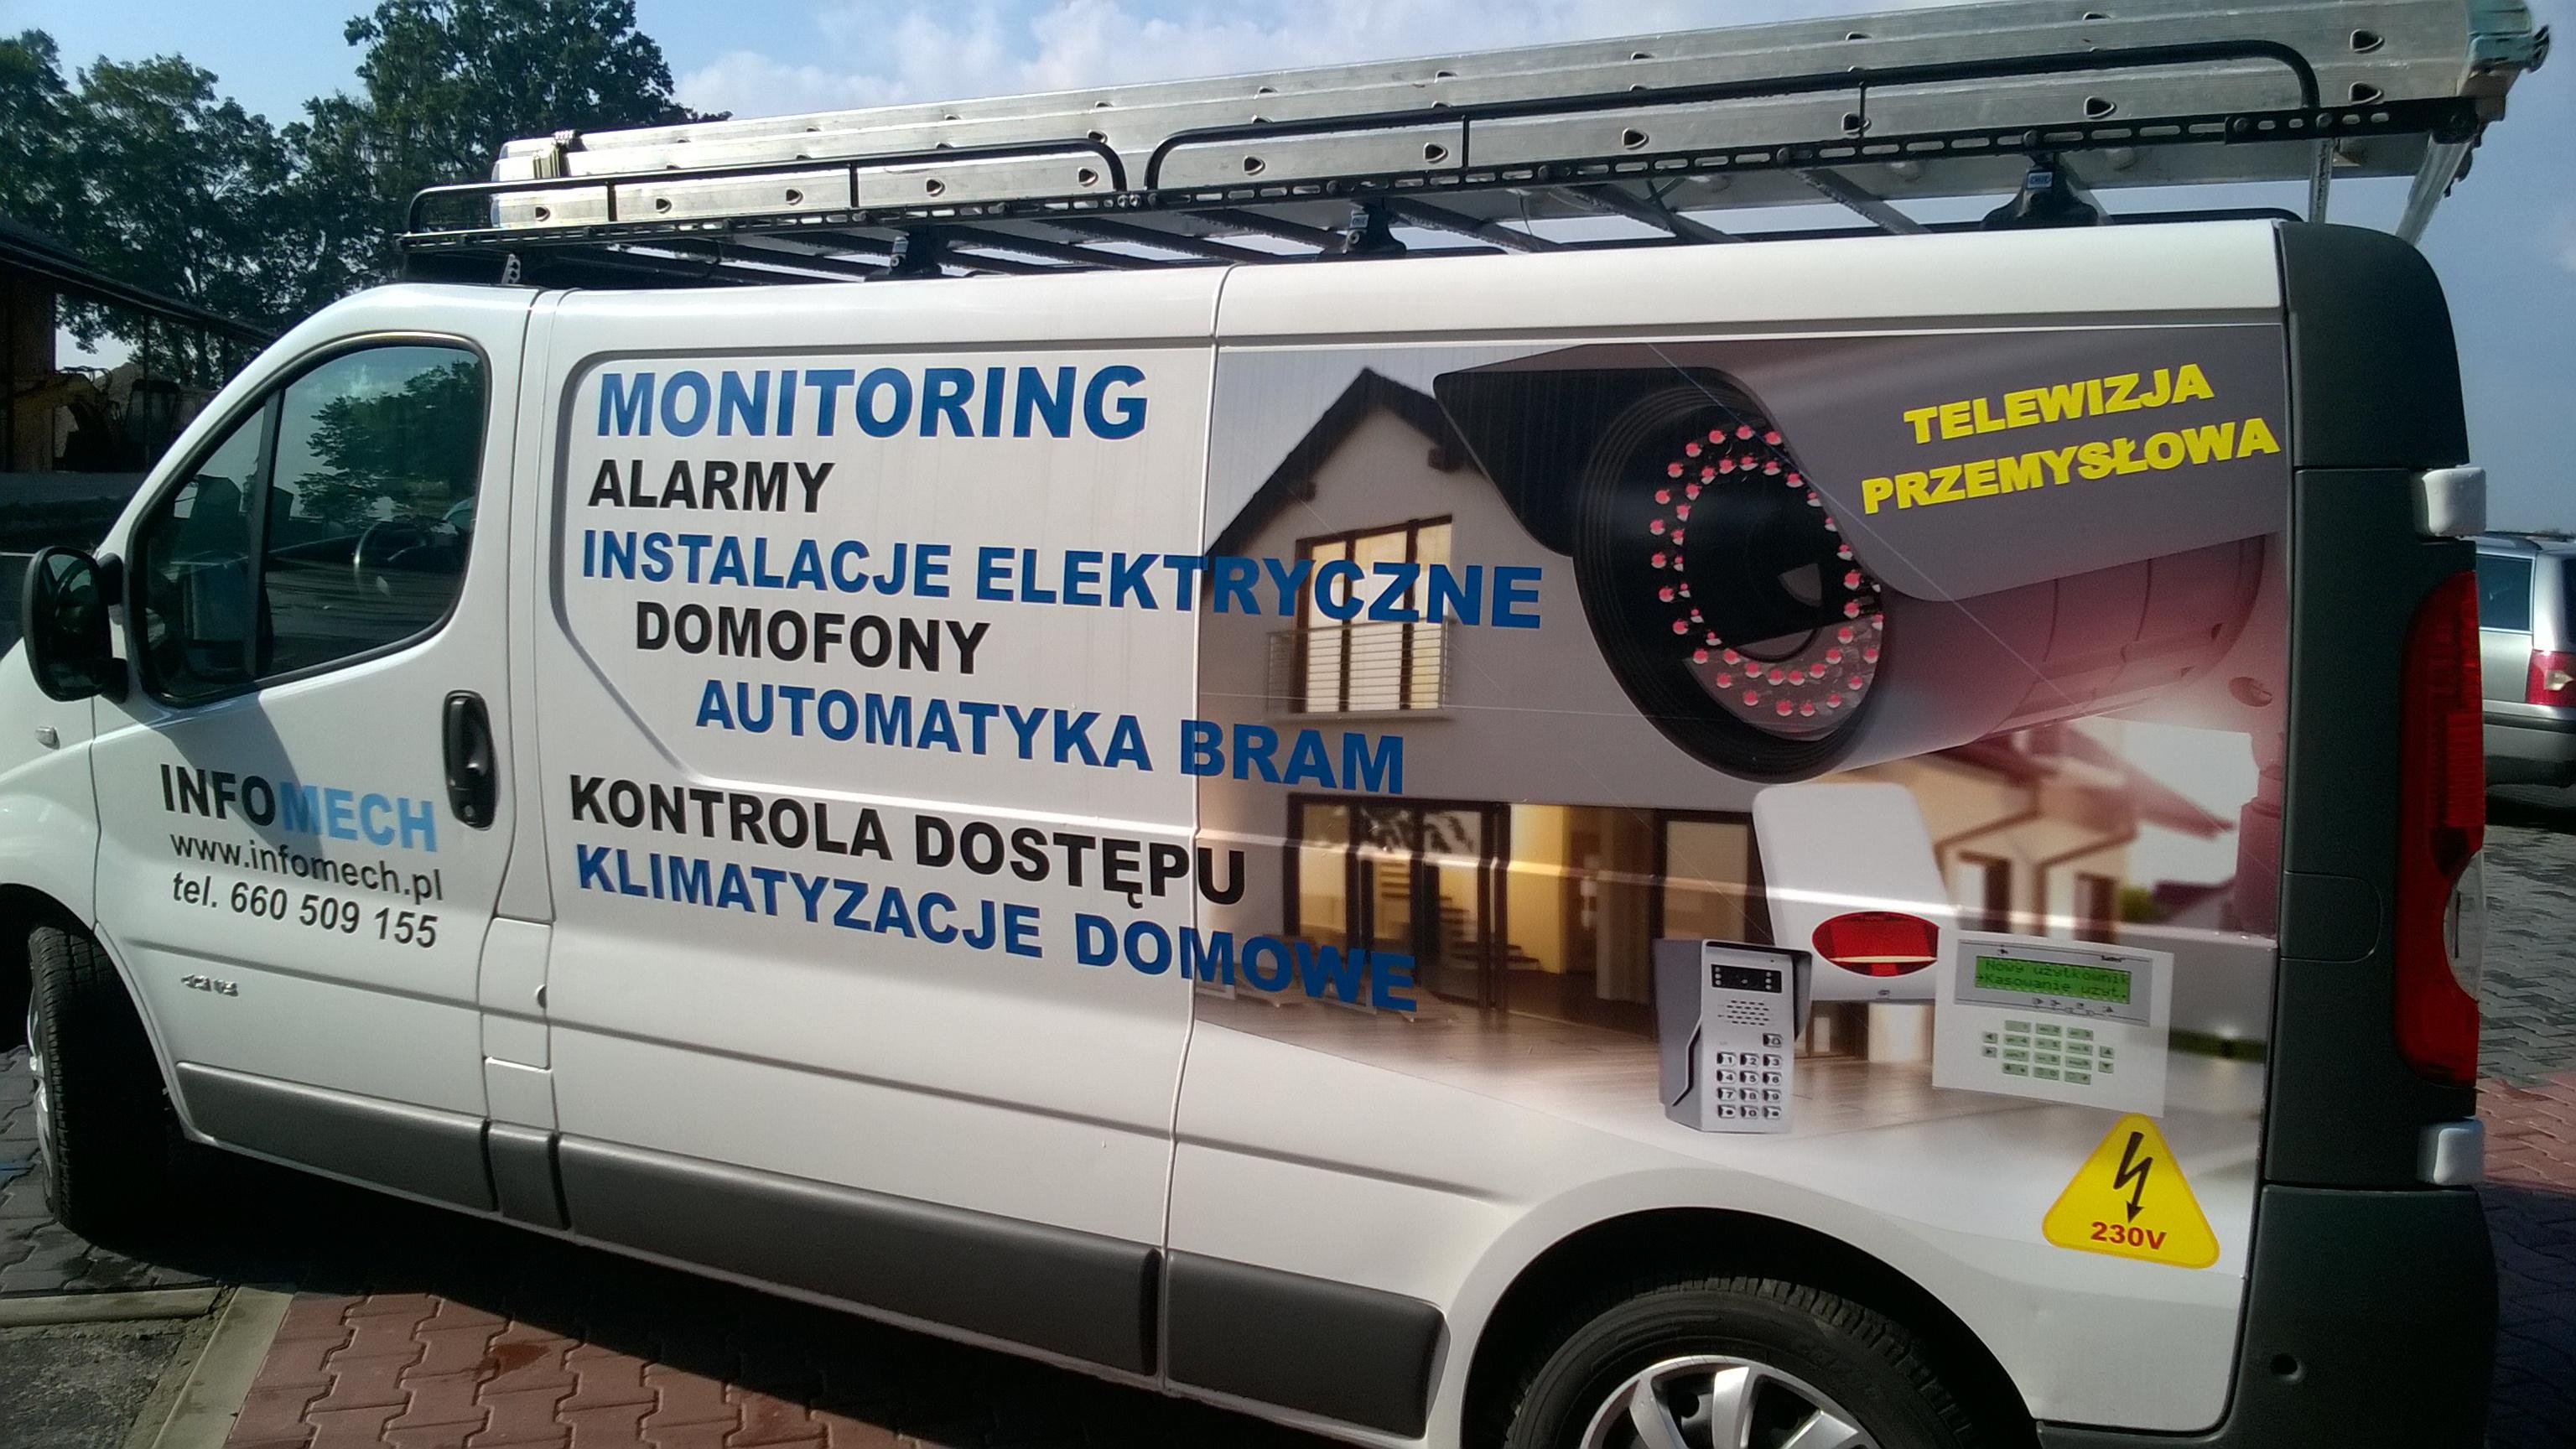 monitoring-bilgoraj-monitoring-zamosc-monitoring-krasnik-monitoring-janow-lubelski-monitoring-gospodarstwa-rolnego-monitoring-chelm-monitoring-lezajsk-19-infomech-monitoring-wizyjny-systemy-zabezpie